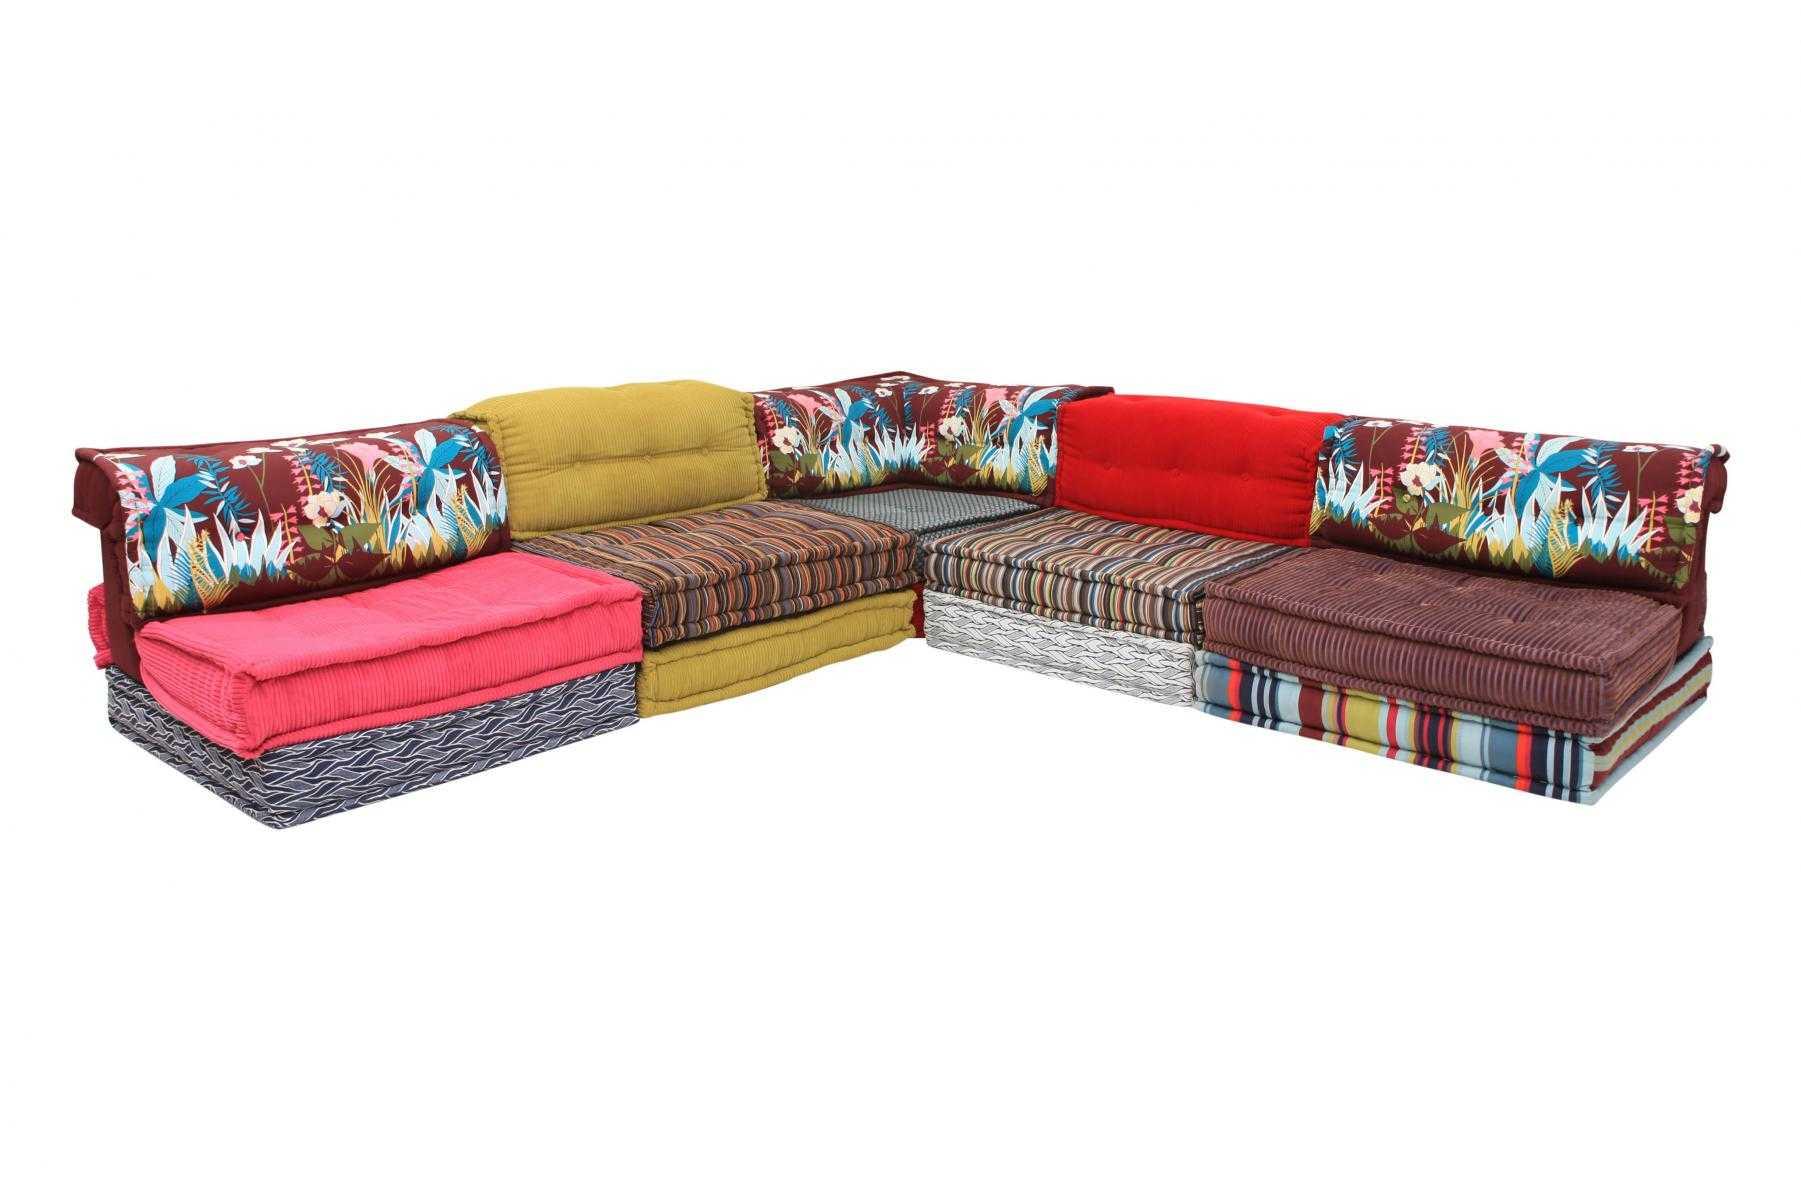 sofa mah jong roche bobois precio extra deep seated sectional